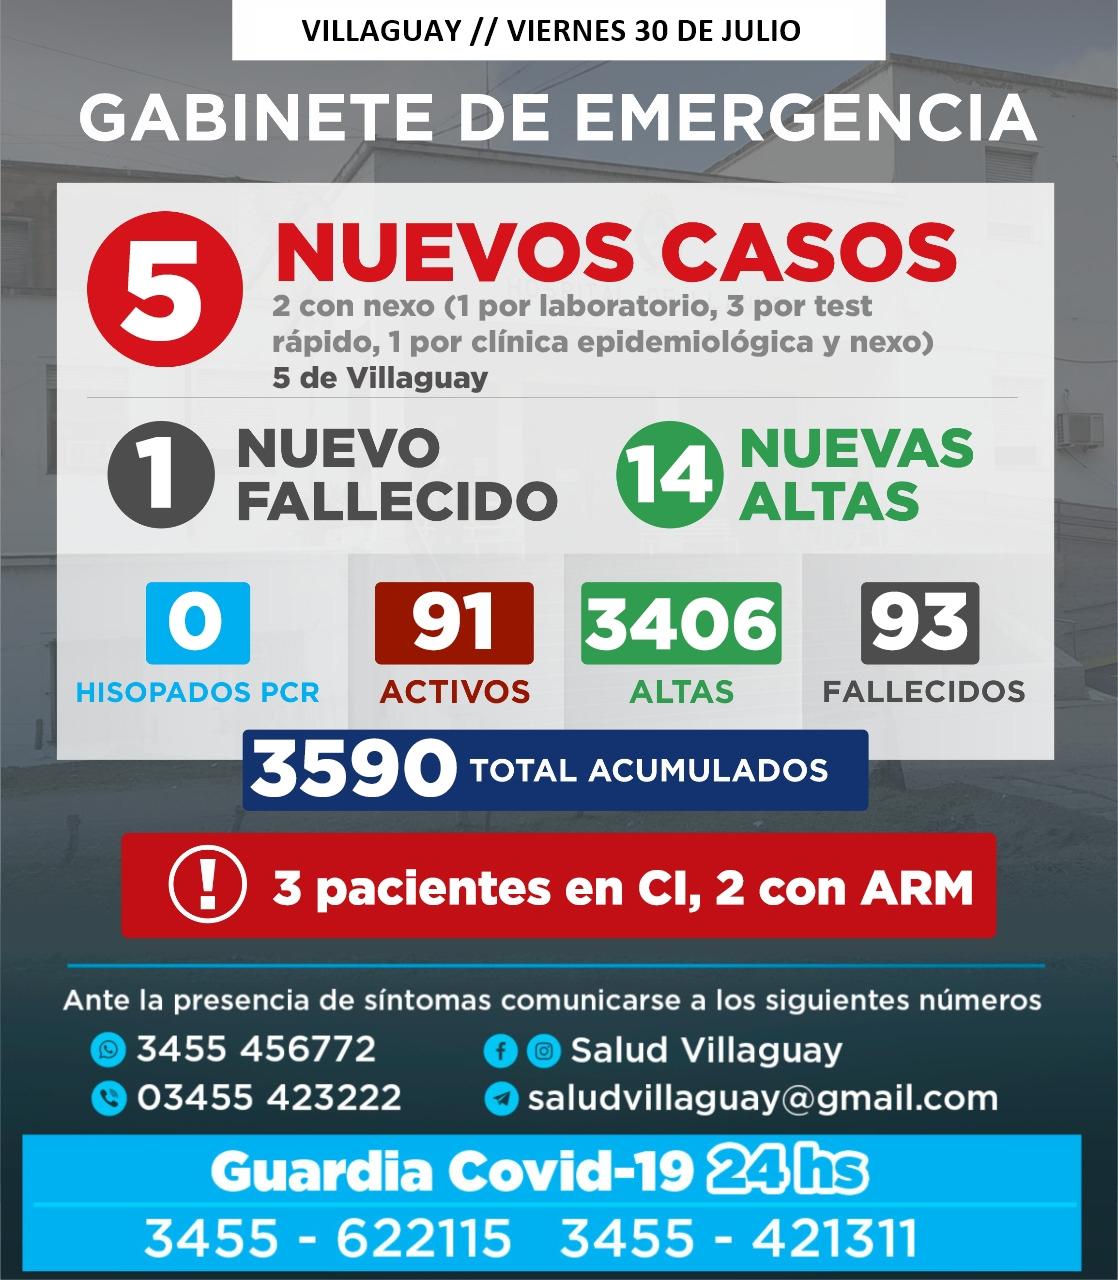 GABINETE DE EMERGENCIA DE VILLAGUAY: Reporte de este Viernes 30/07, 1 fallecido y 5 nuevos casos de Covid-19